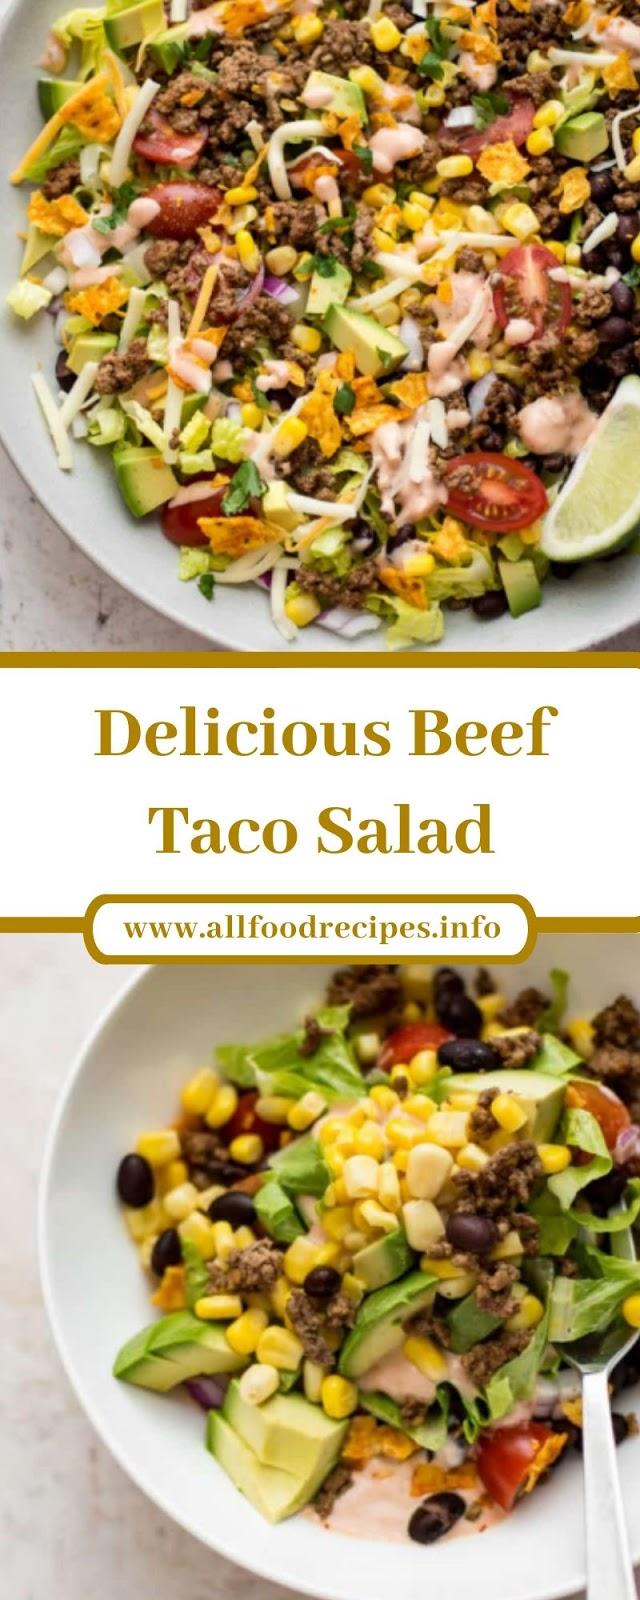 Delicious Beef Taco Salad